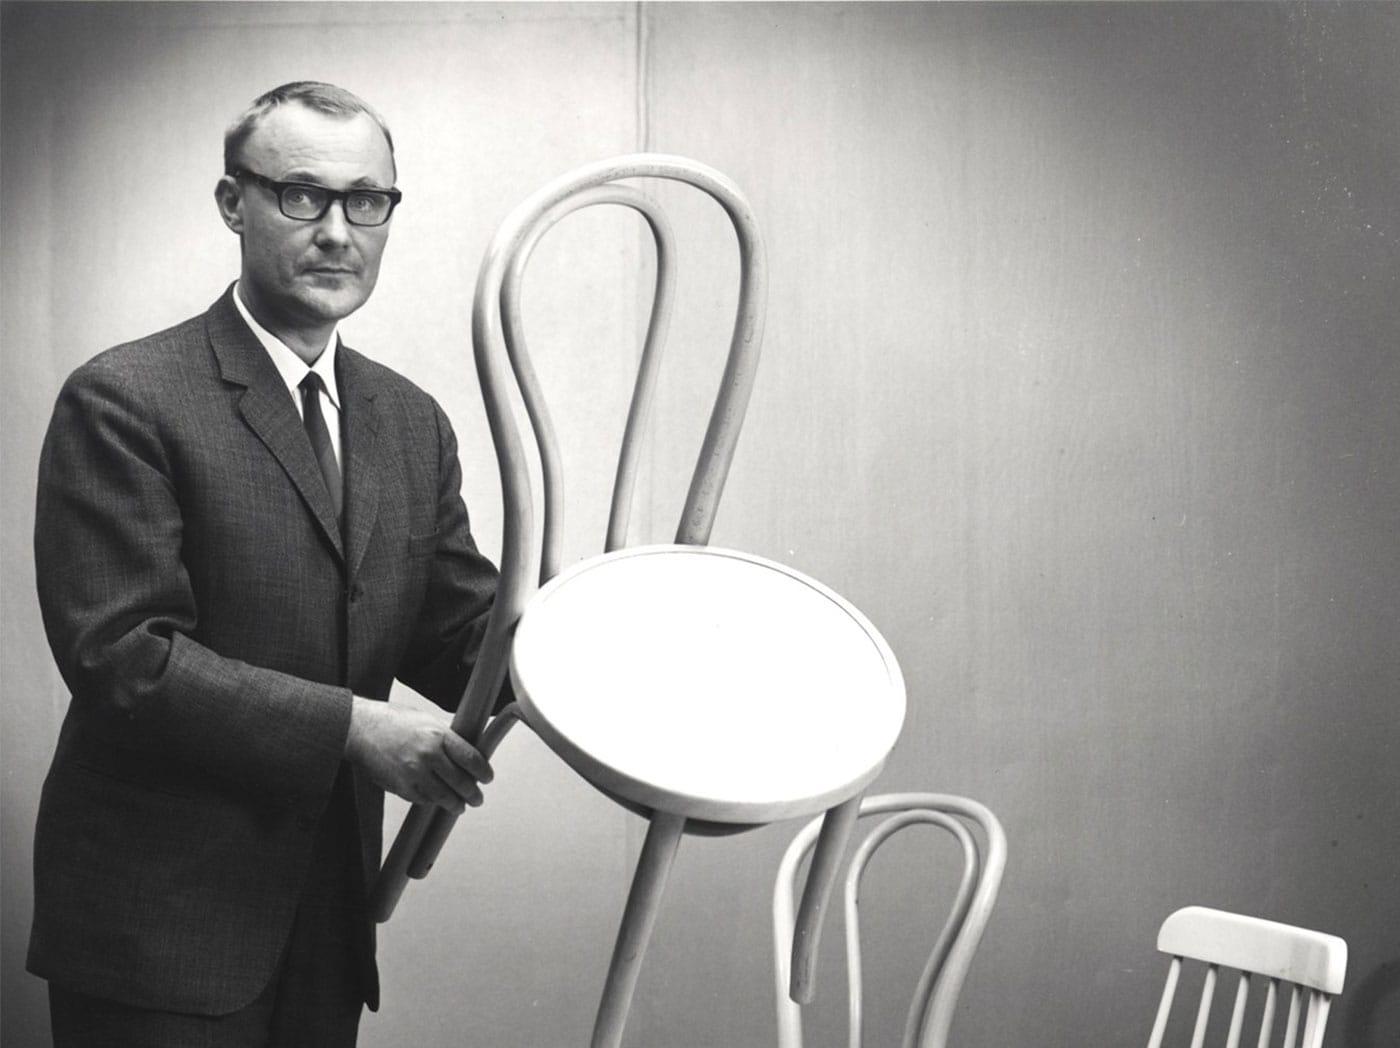 Az IKEA-t Ingvar Kamprad alapította, 1943-ban.